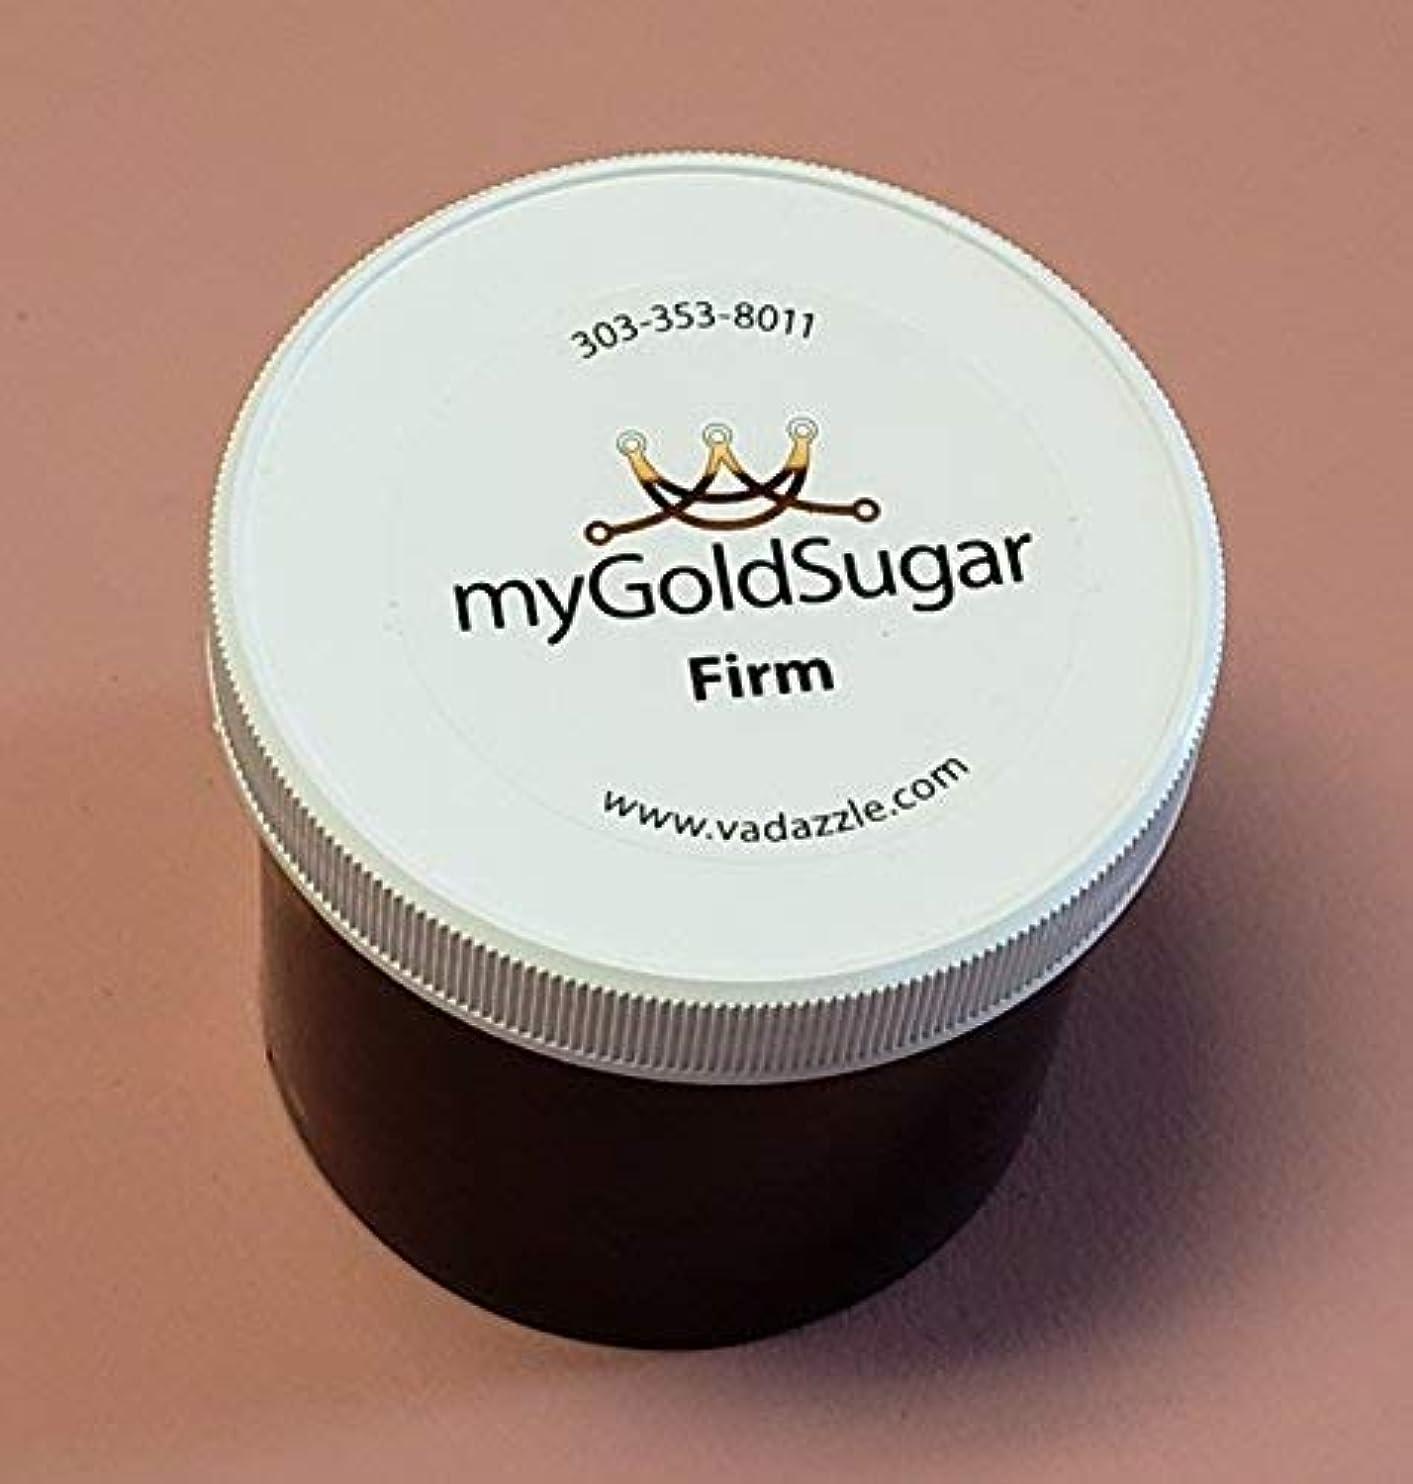 事前に馬鹿テメリティ16oz My Gold Sugar - Sugaring for Hair Removal (Firm) [並行輸入品]